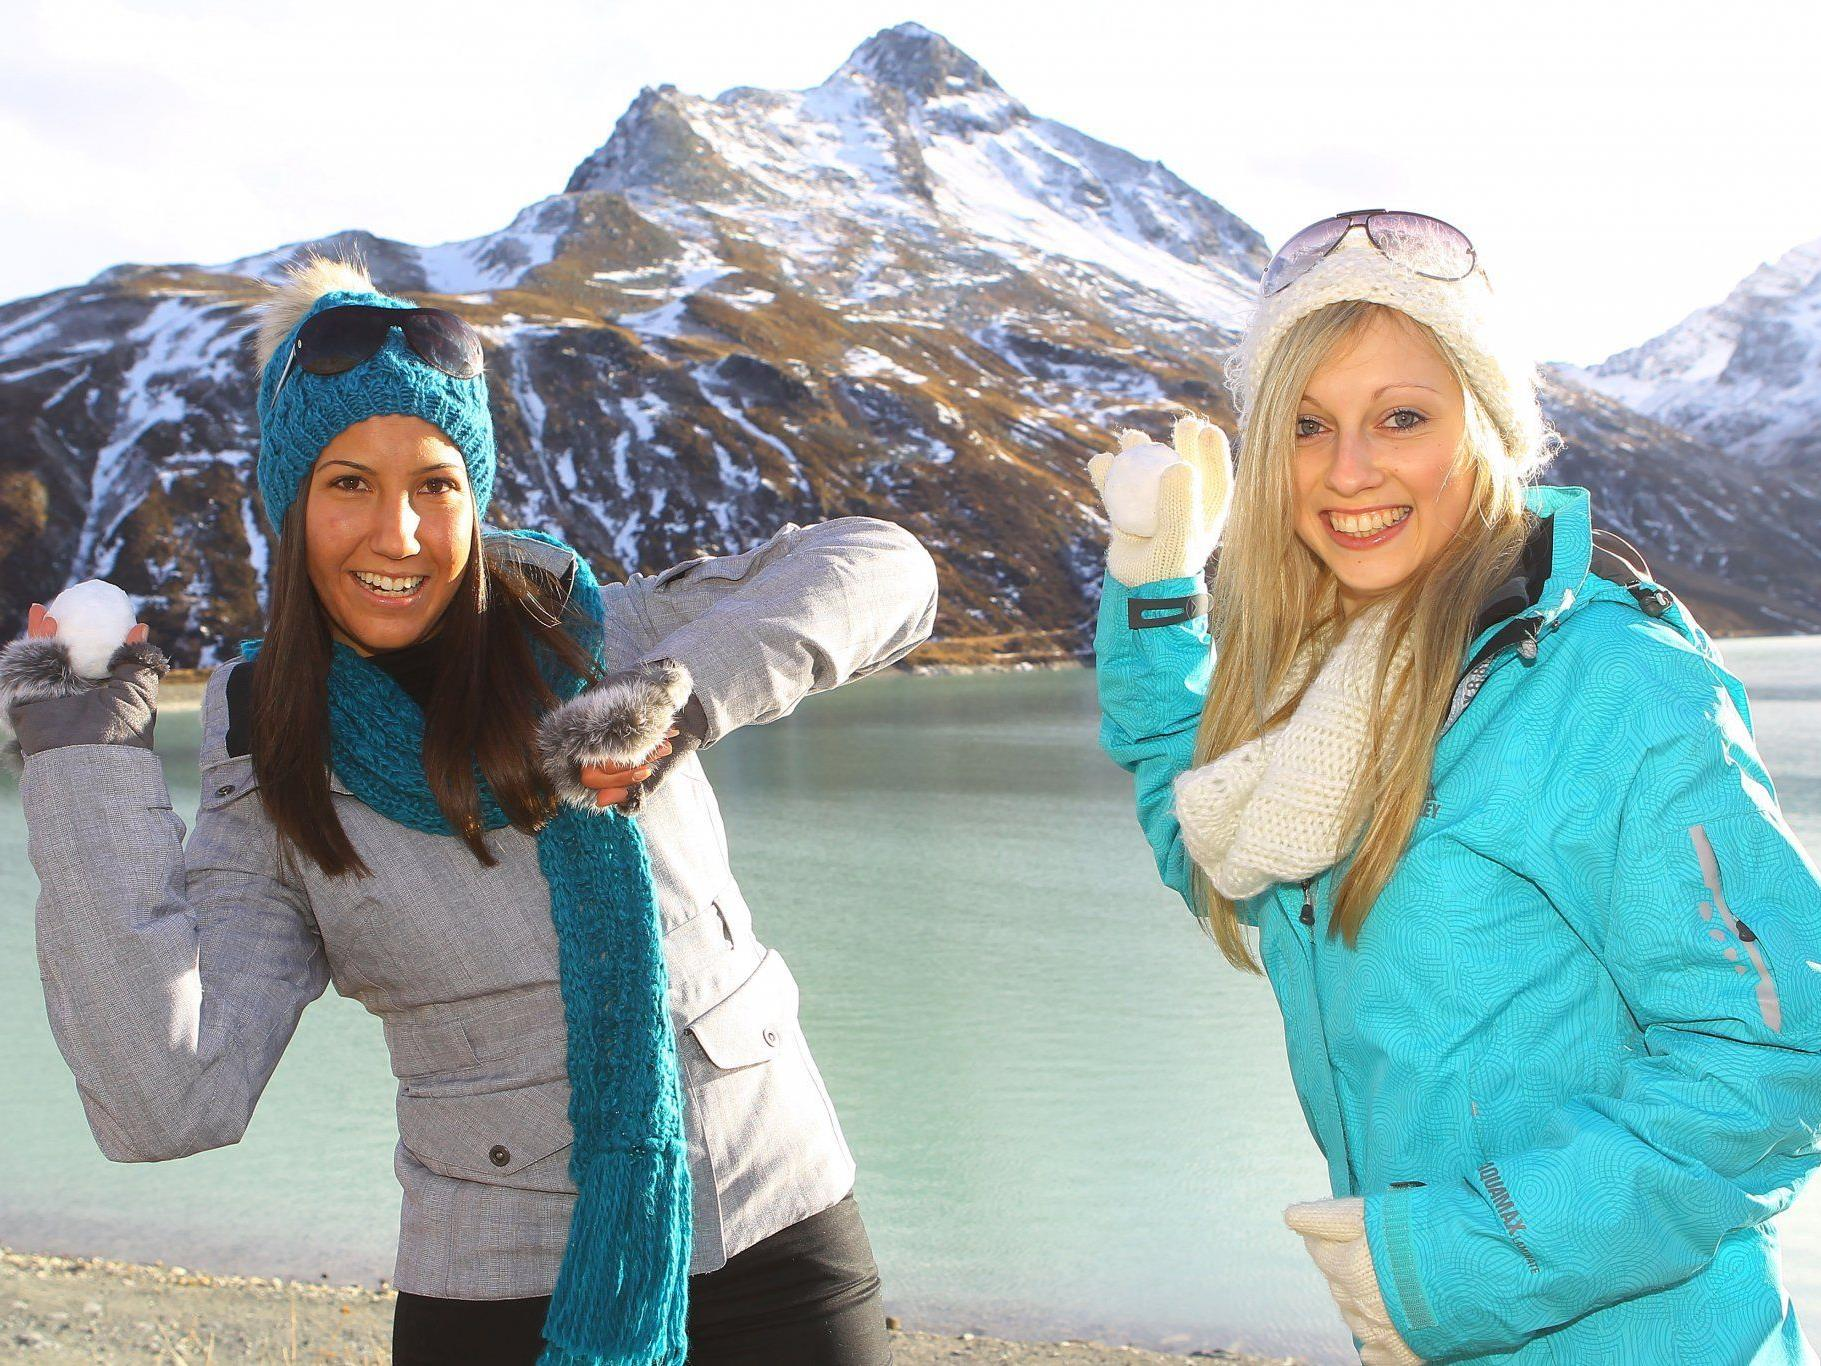 Jana aus Rankweil (rechts) lieferte sich mit Melanie aus Feldkirch eine erste zaghafte Schneeballschlacht auf der Bieler Höhe.